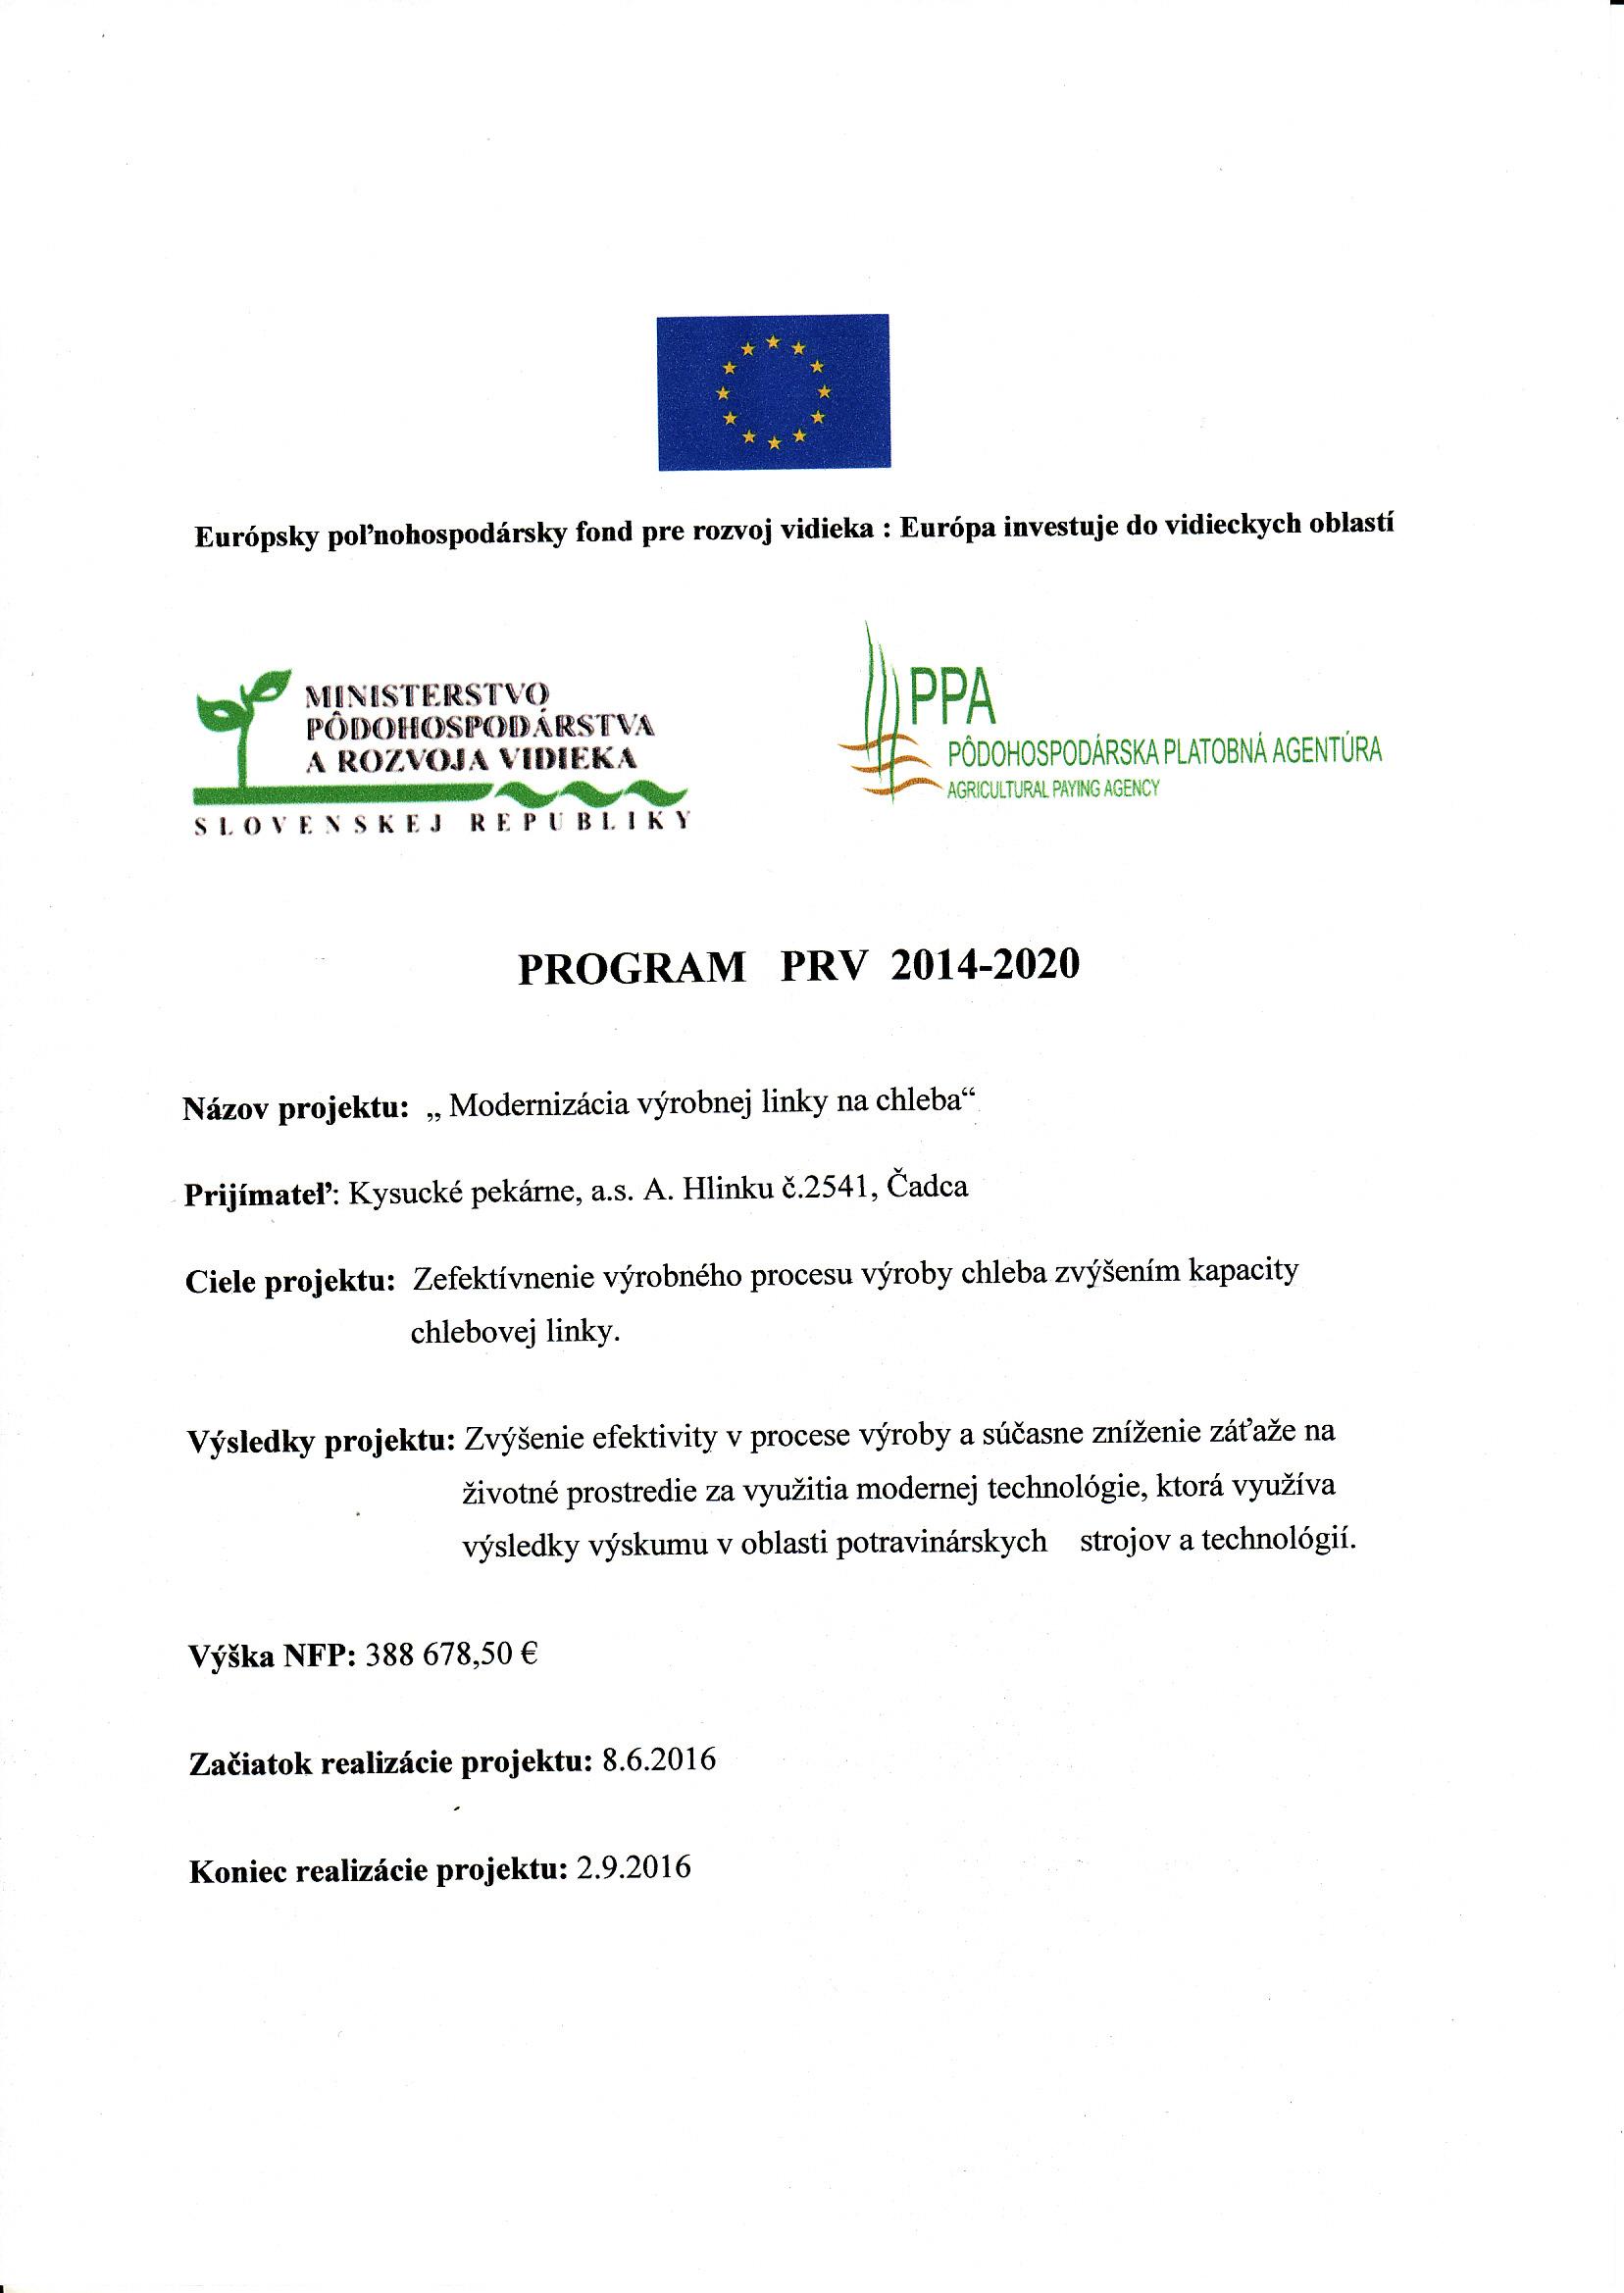 Informácia o ukončení projektu+logá - Vilija Modernizácia výrobnej linky na chleba 10-16